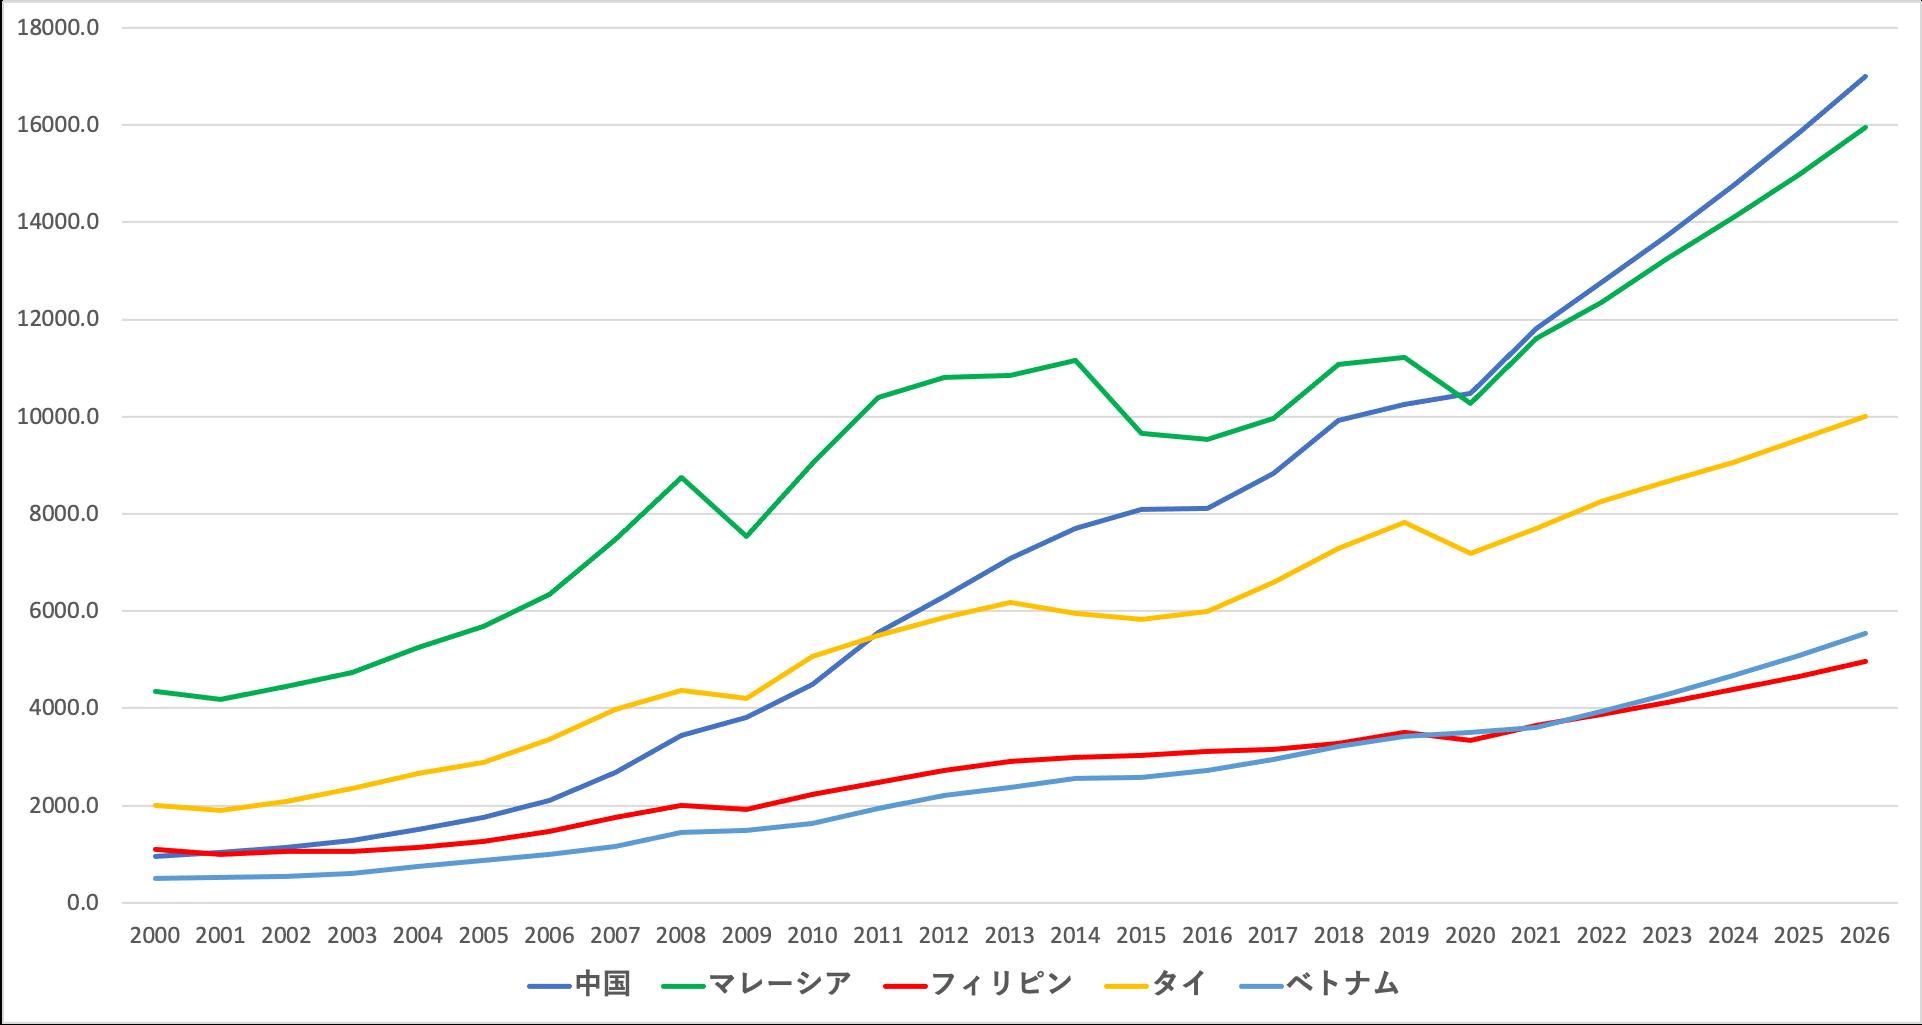 フィリピンと他のASEAN諸国の1人あたりGDPの推移